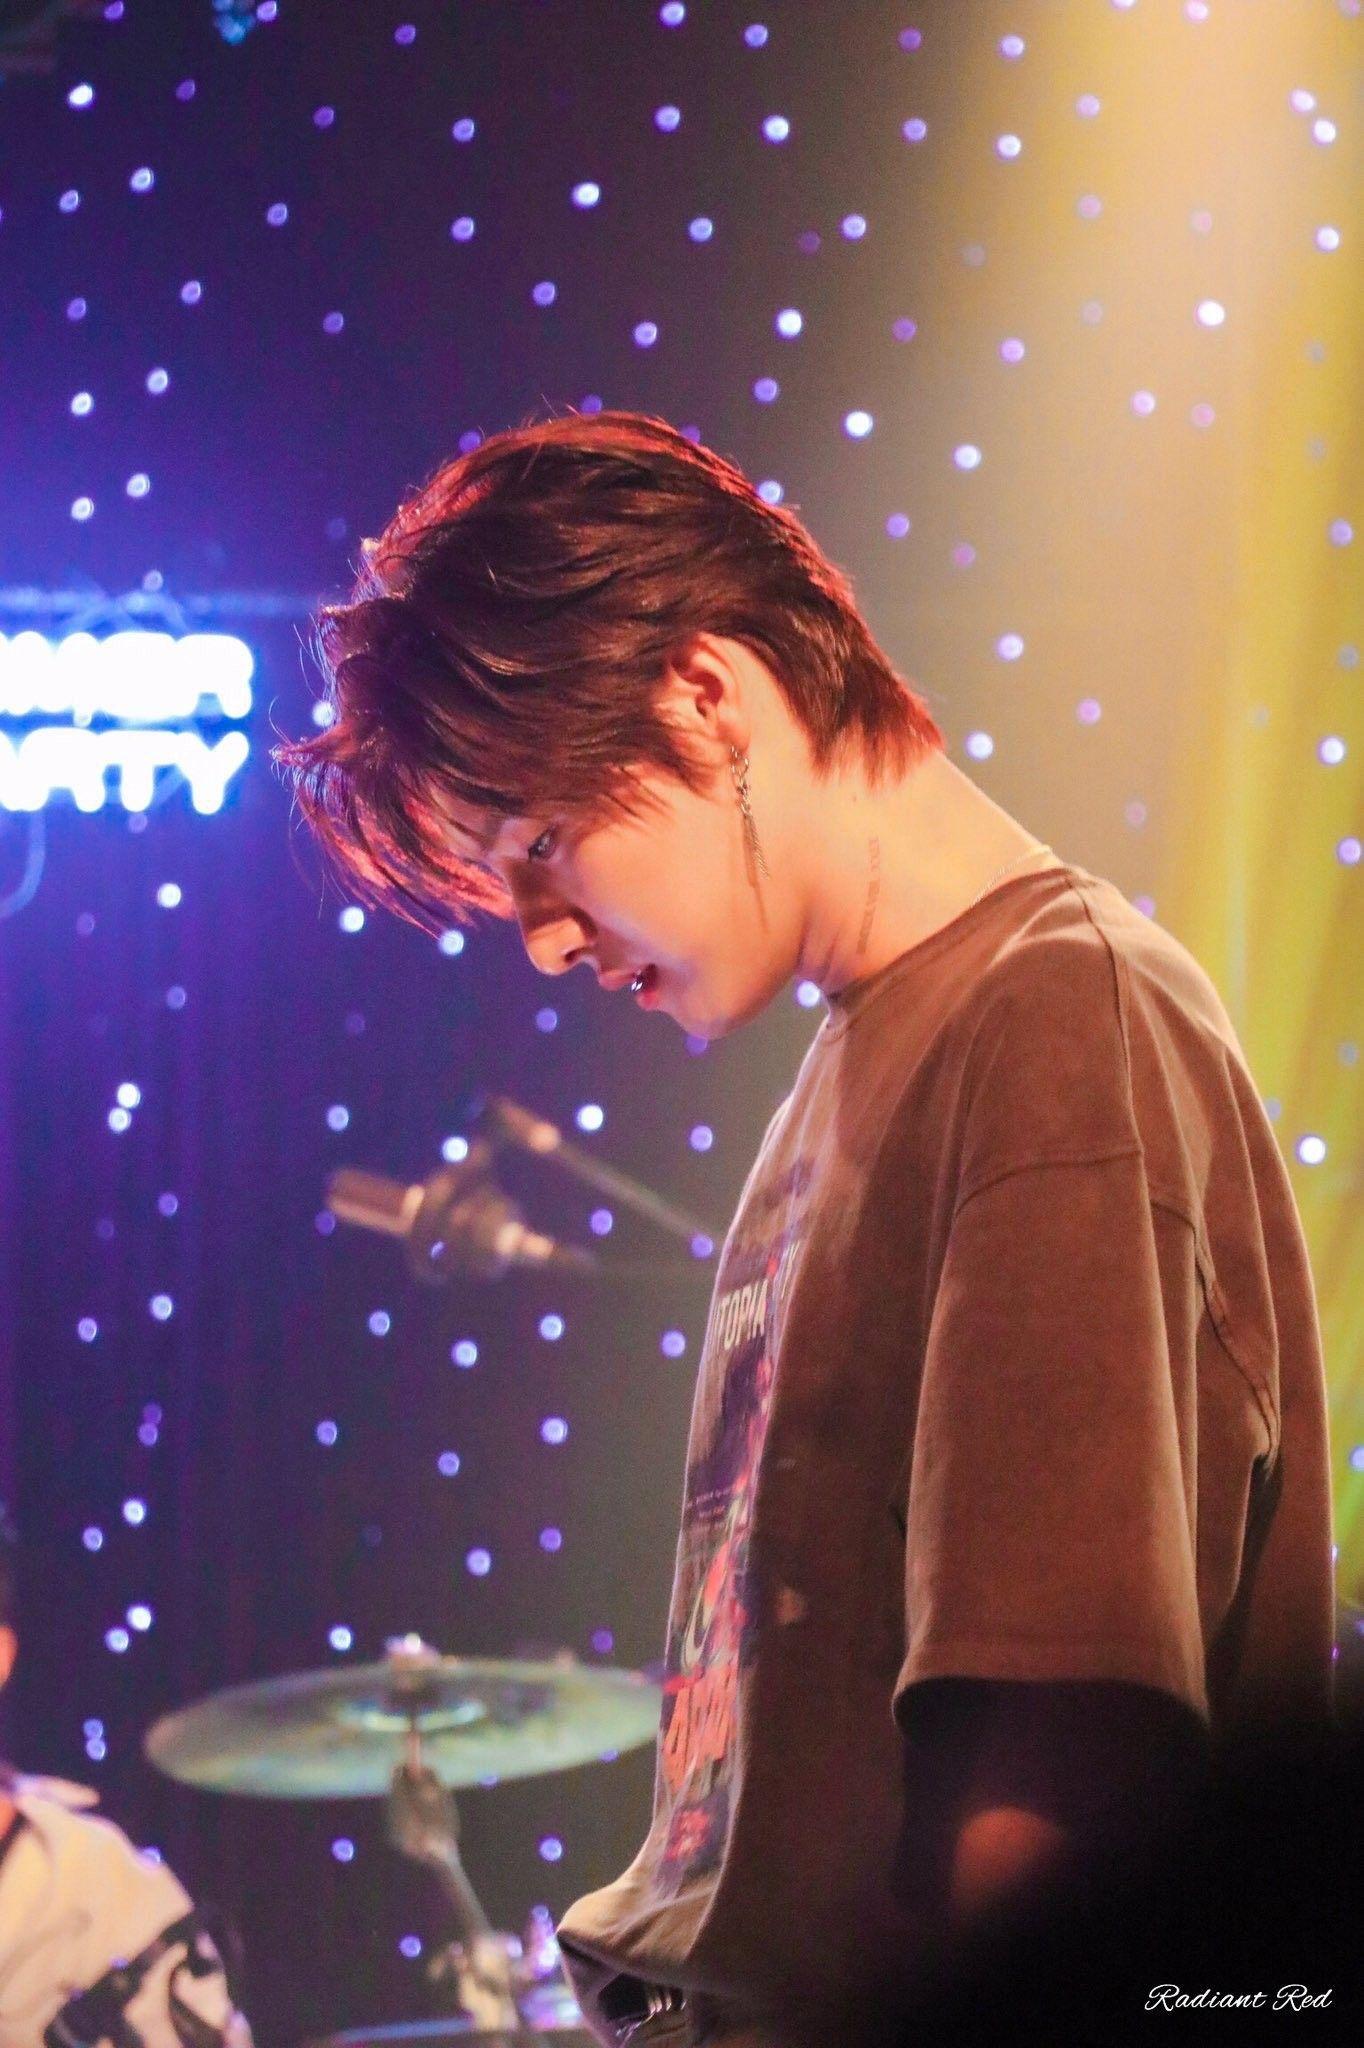 Onewe Yonghoon